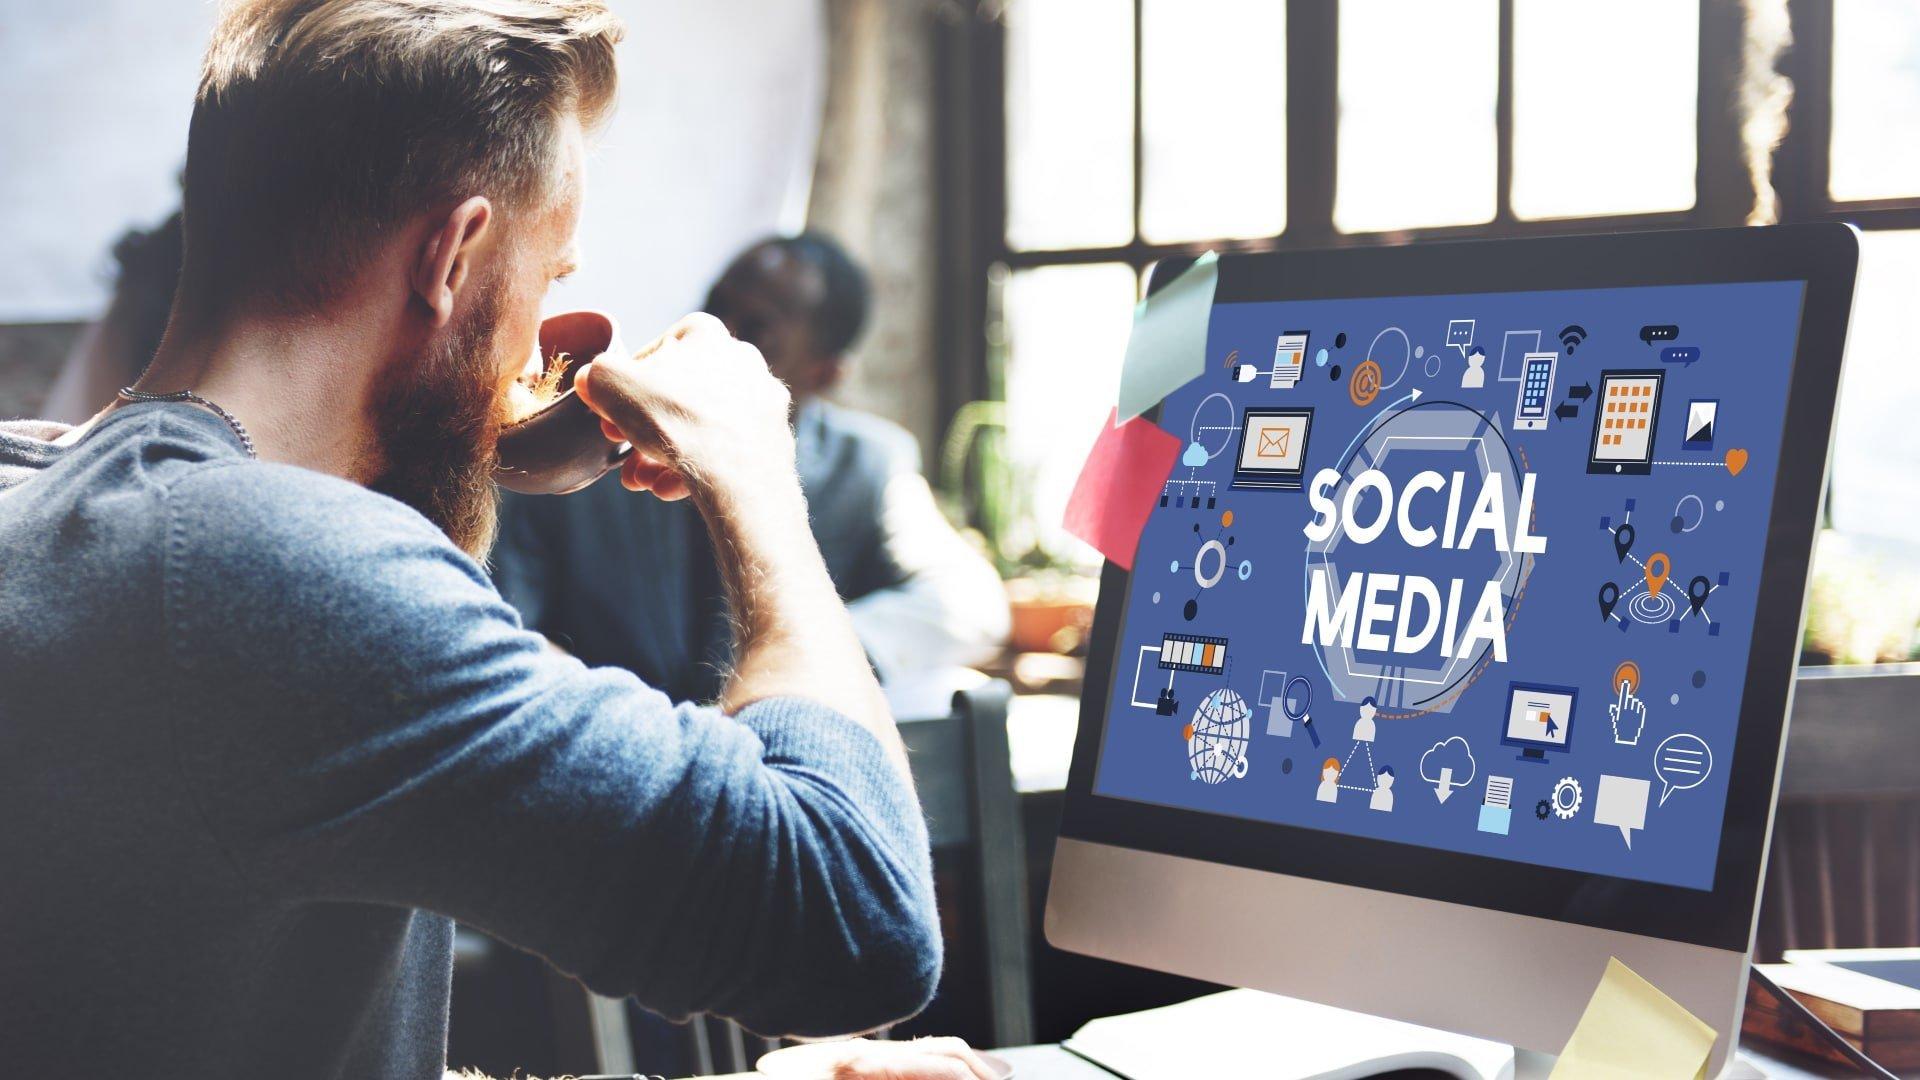 Försäljning och sociala medier idag